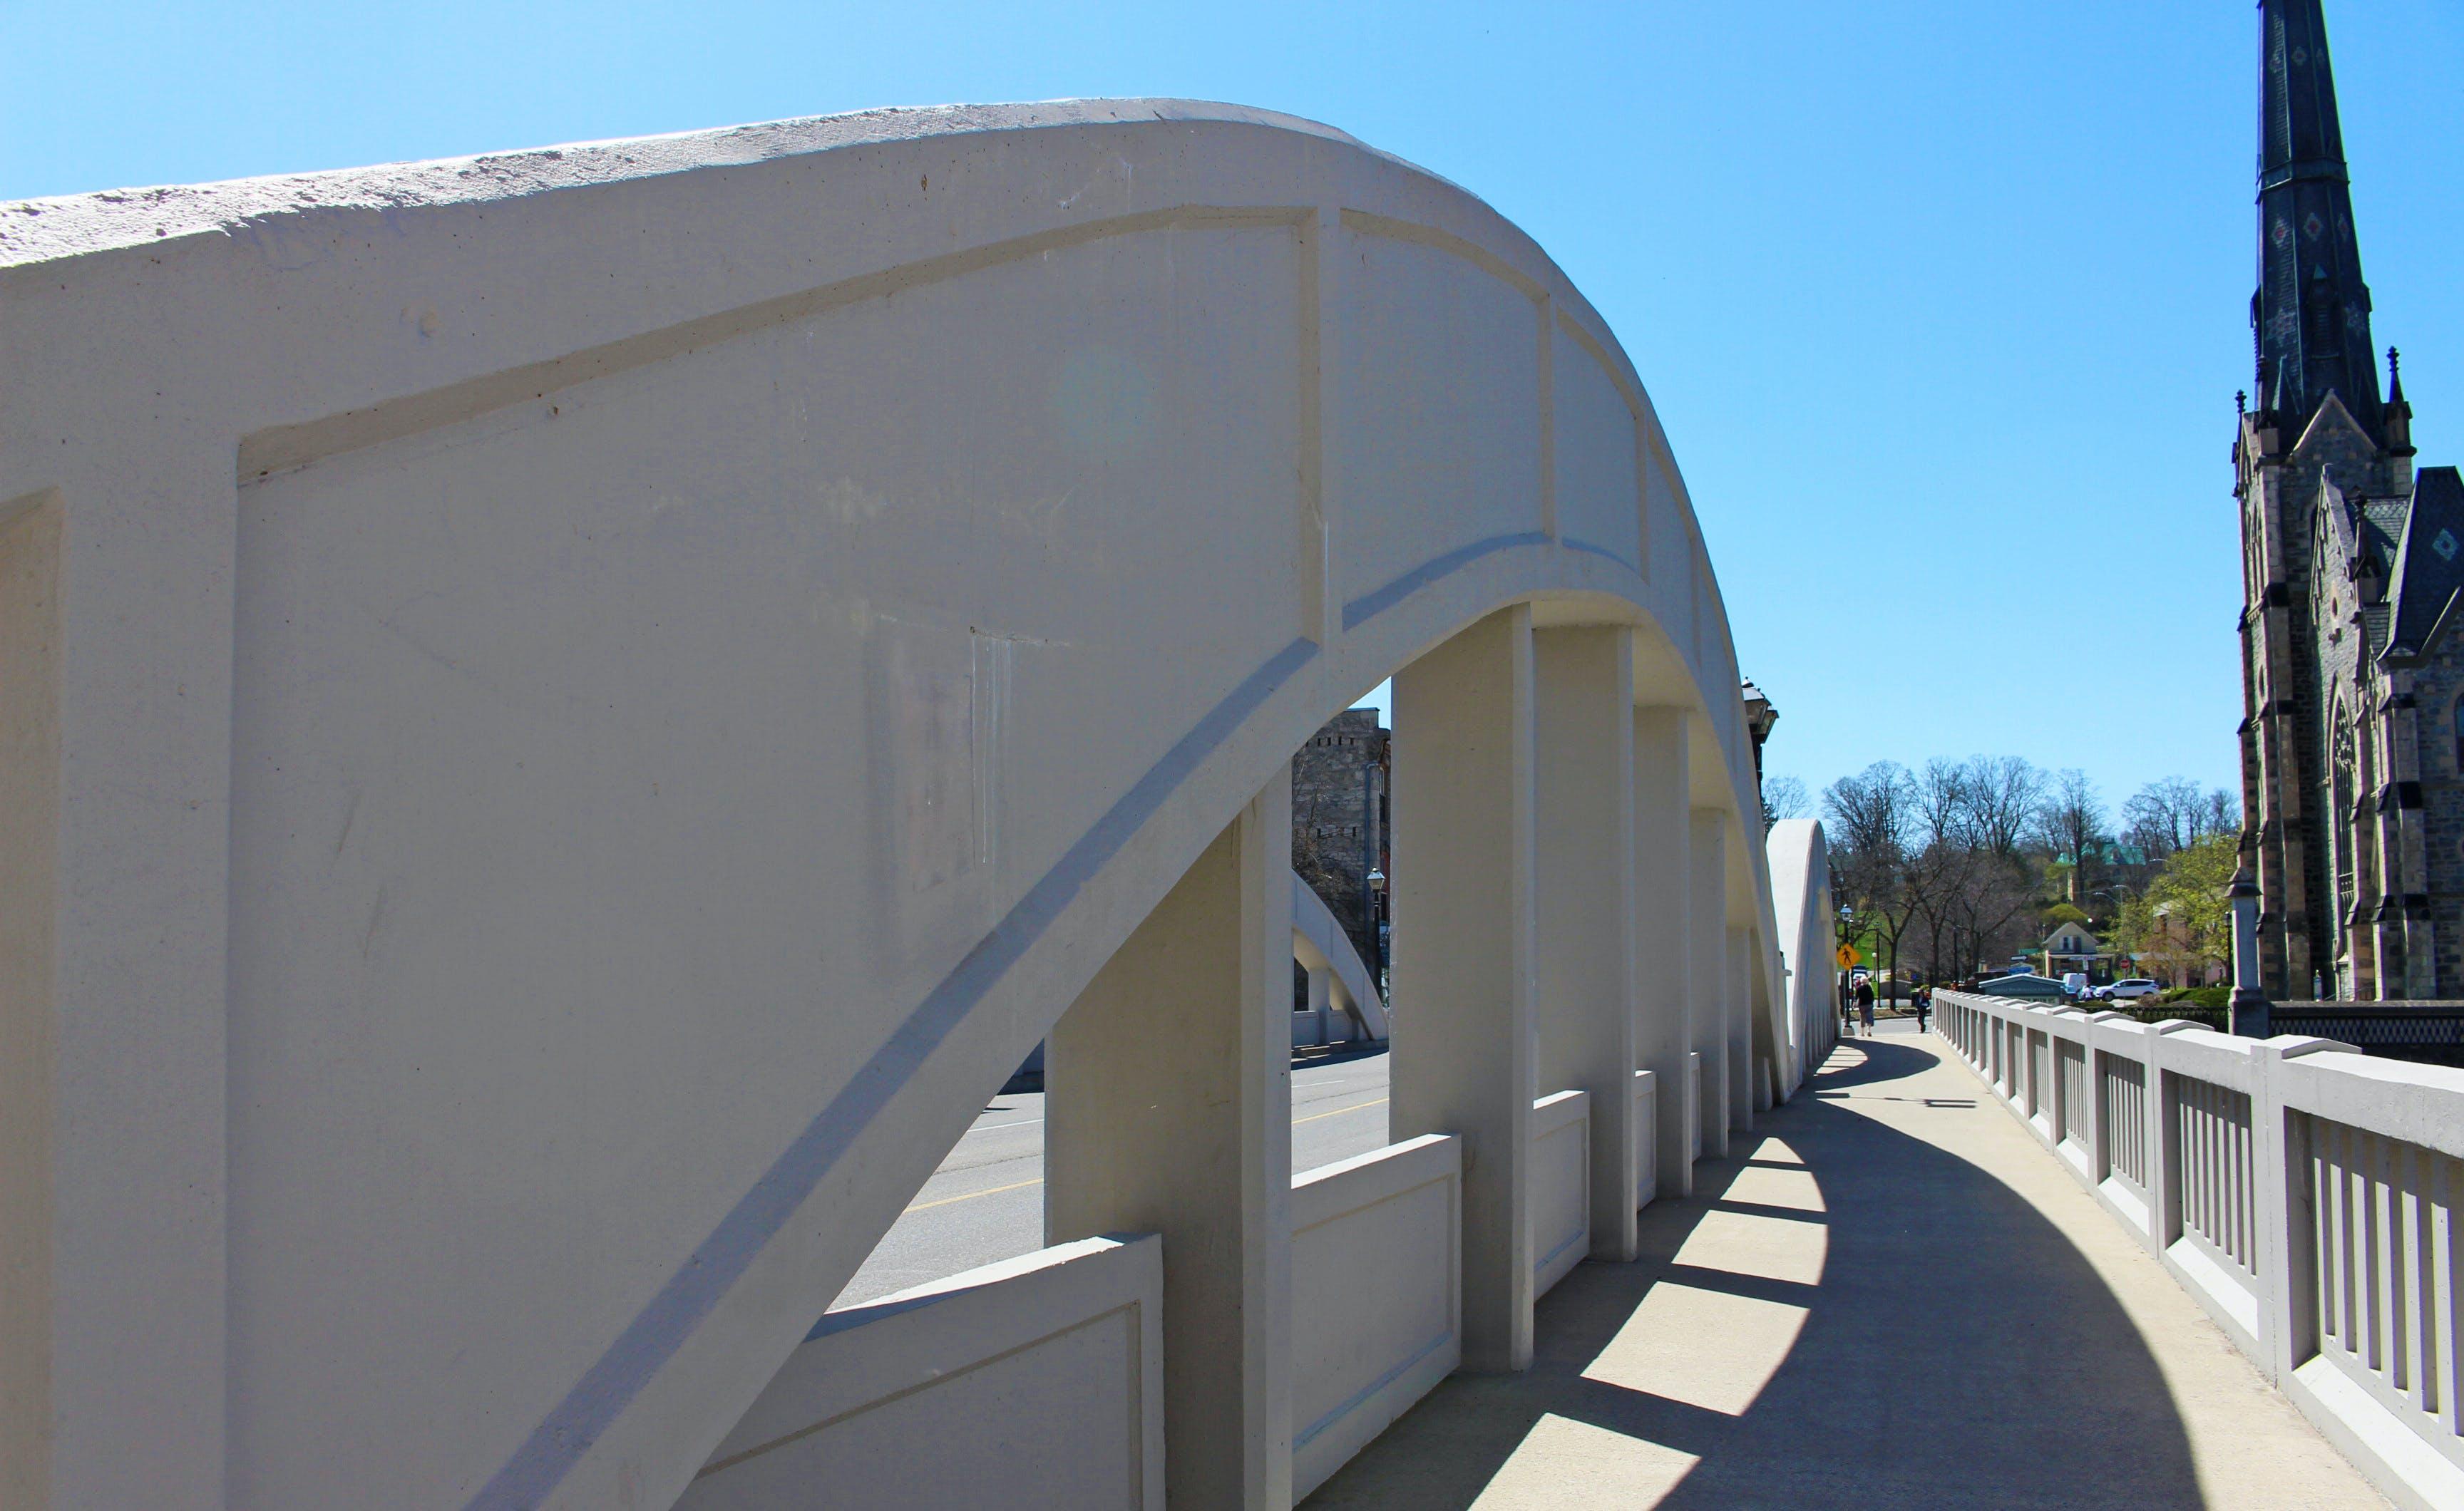 Free stock photo of architectural, architecture, brige, canada